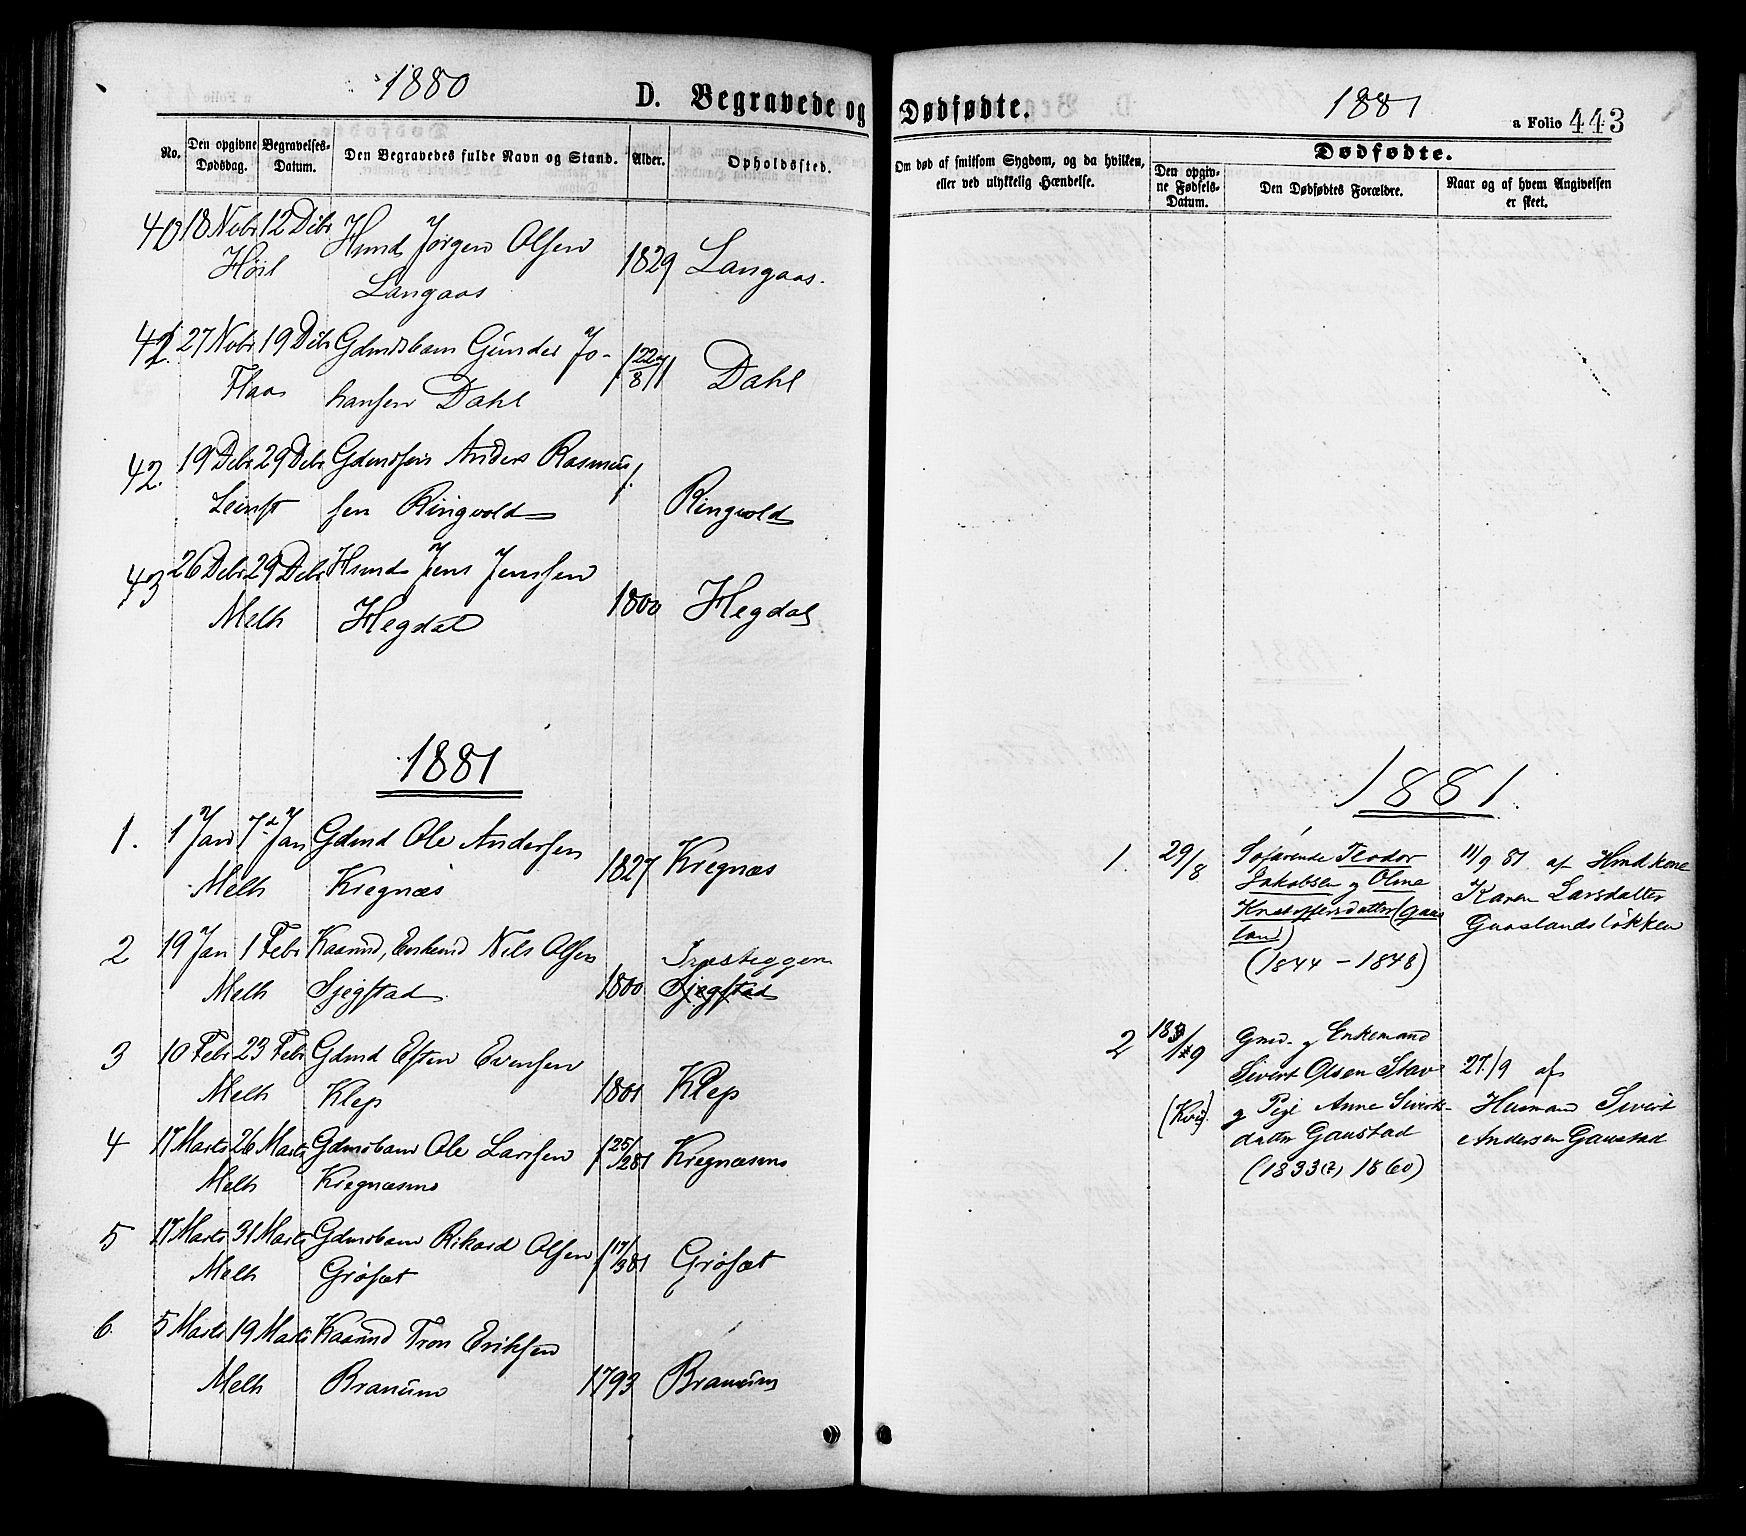 SAT, Ministerialprotokoller, klokkerbøker og fødselsregistre - Sør-Trøndelag, 691/L1079: Ministerialbok nr. 691A11, 1873-1886, s. 443